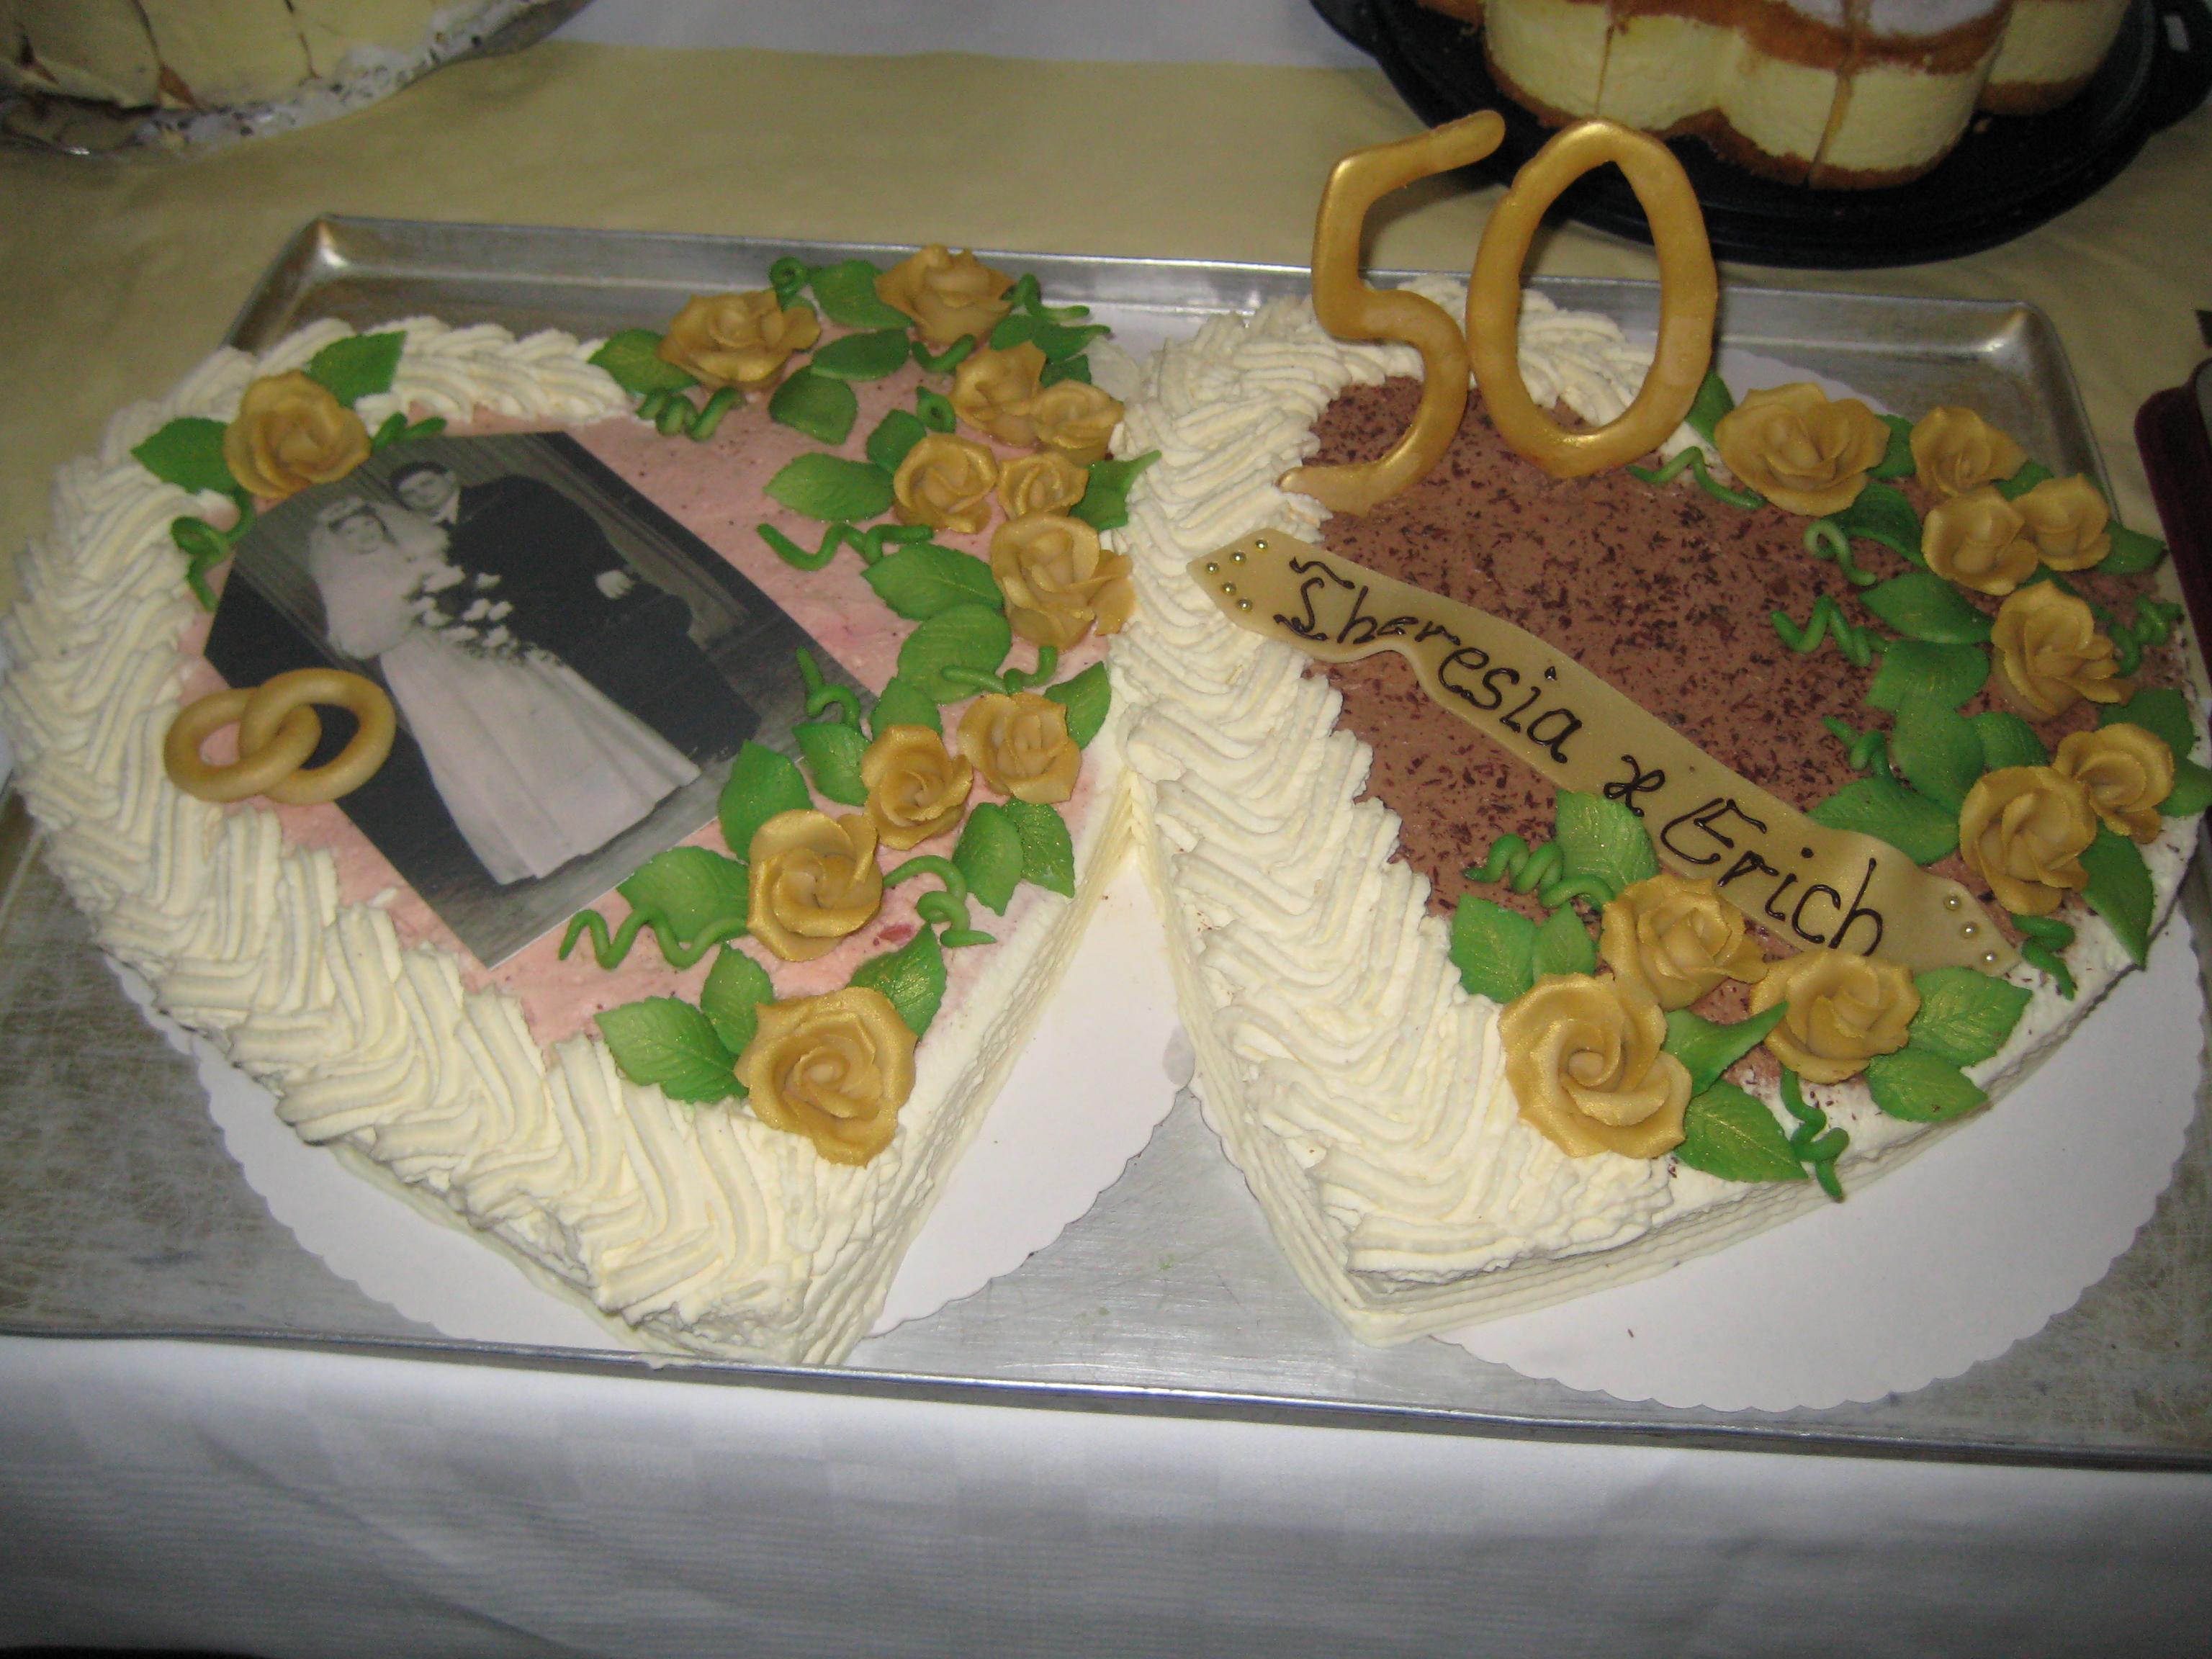 Torte Zur Goldenen Hochzeit Für Meine Großeltern